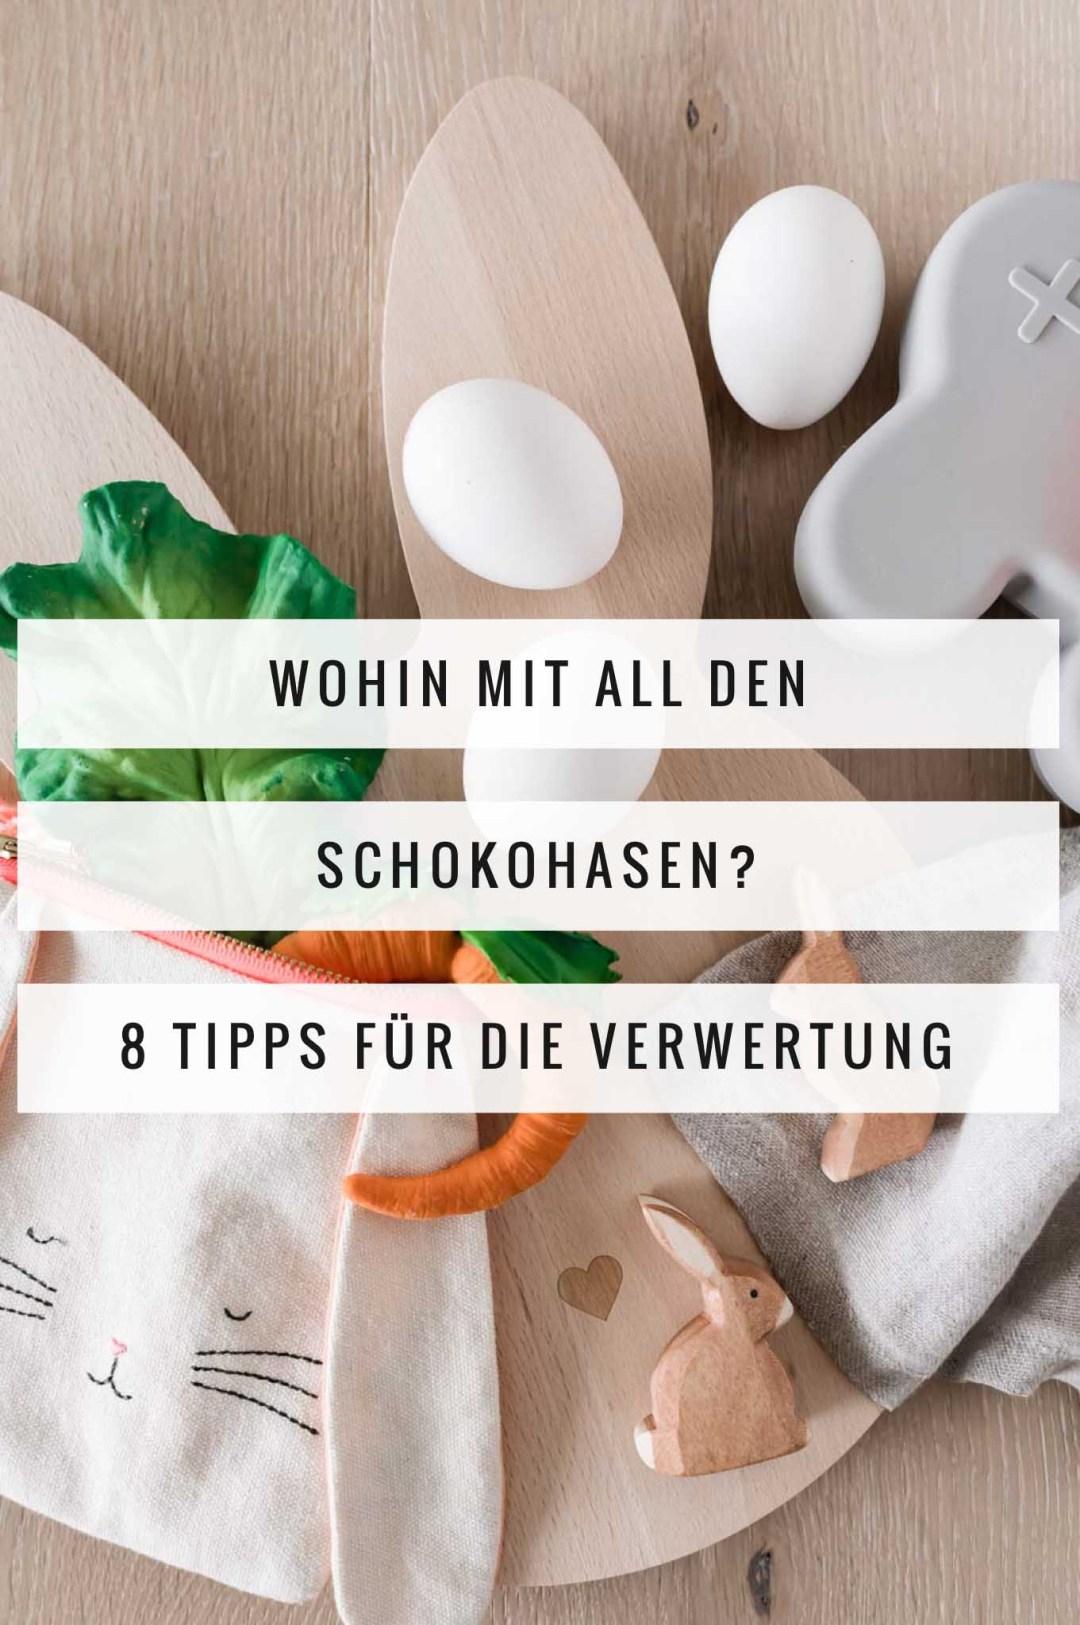 Wohin mit all den Schokohasen? 8 Tipps für die Verwertung von Osterhasenschokolade